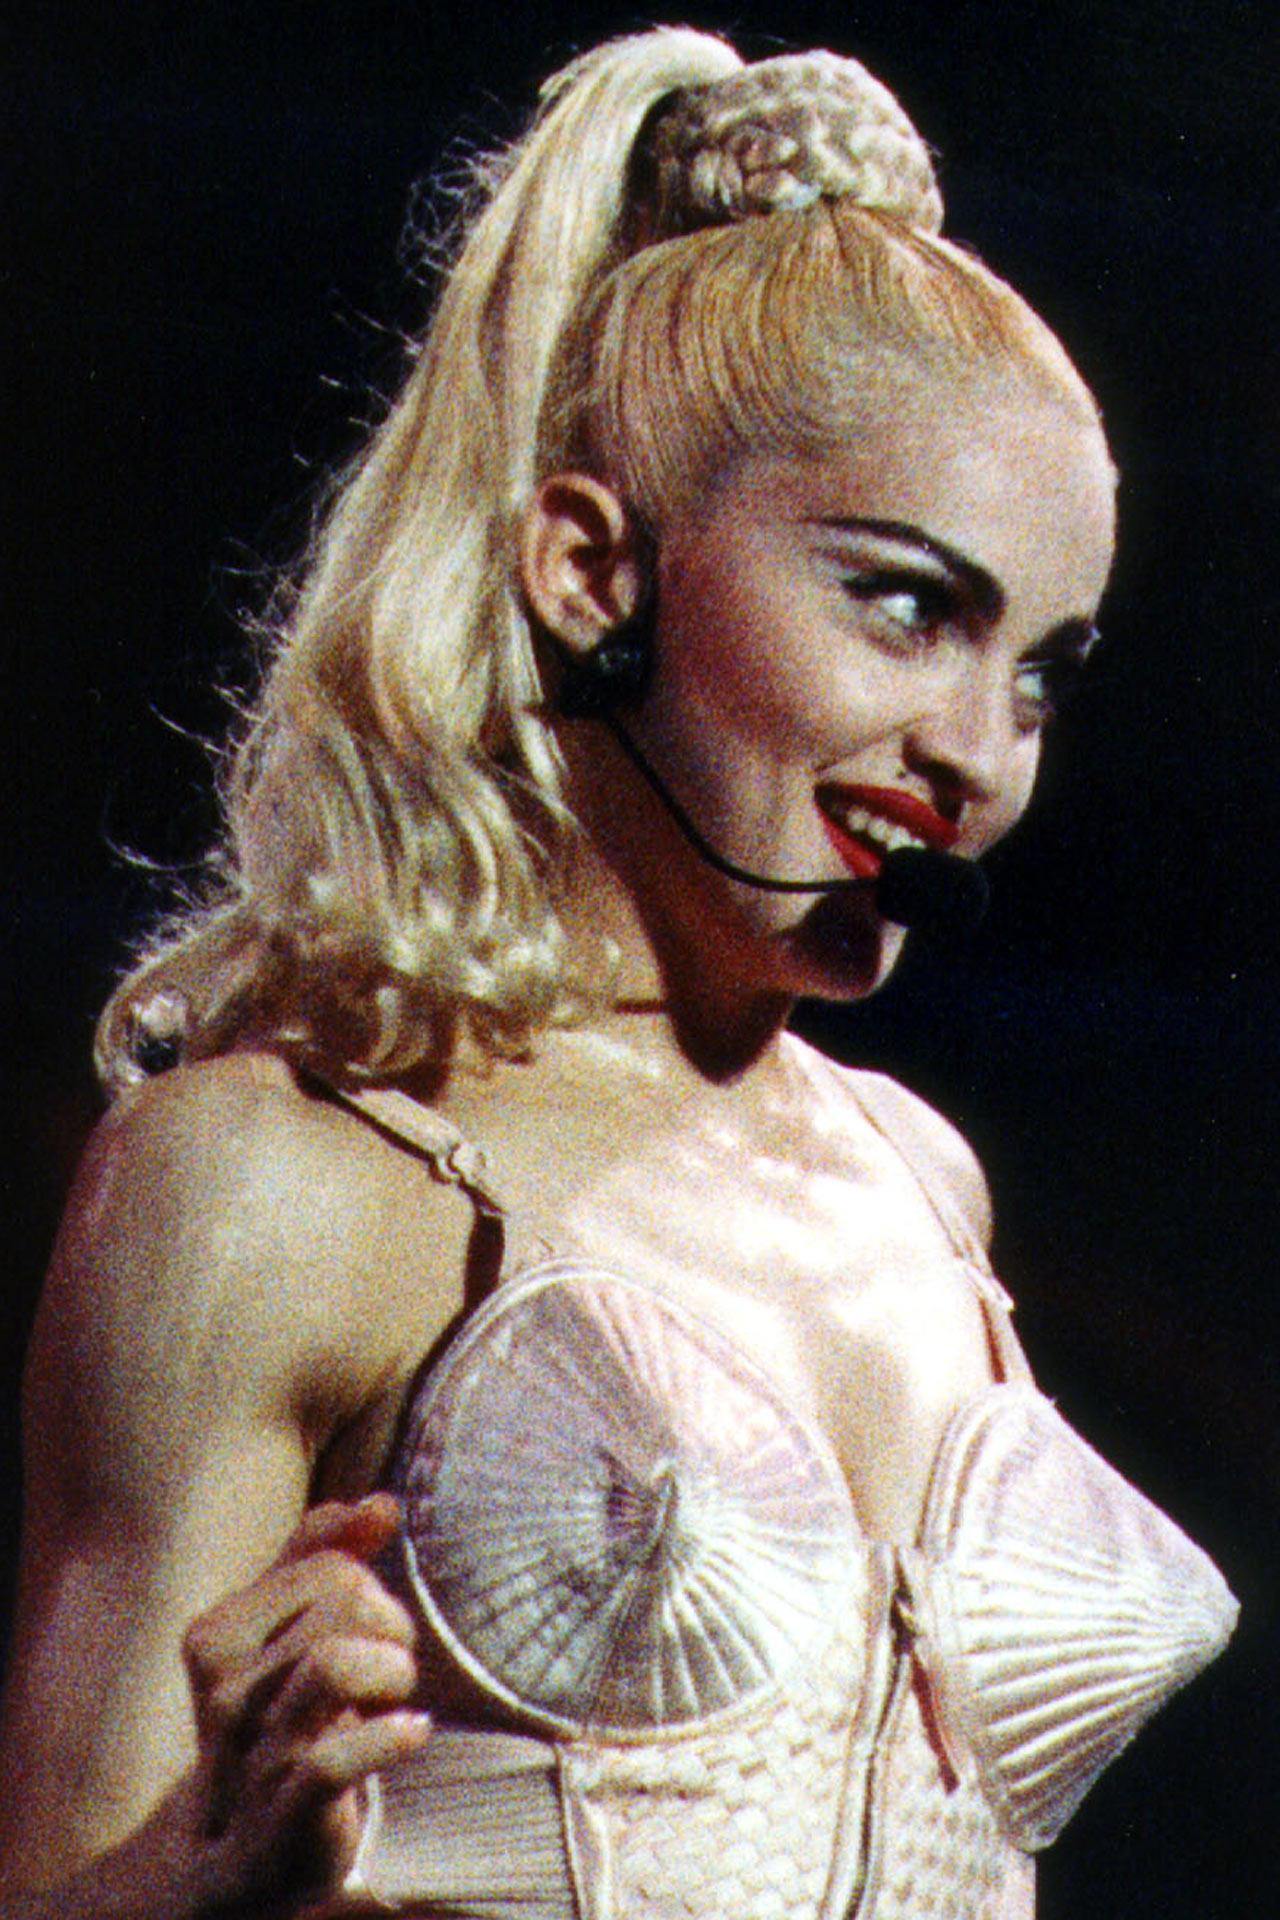 Мадонна 1990 год